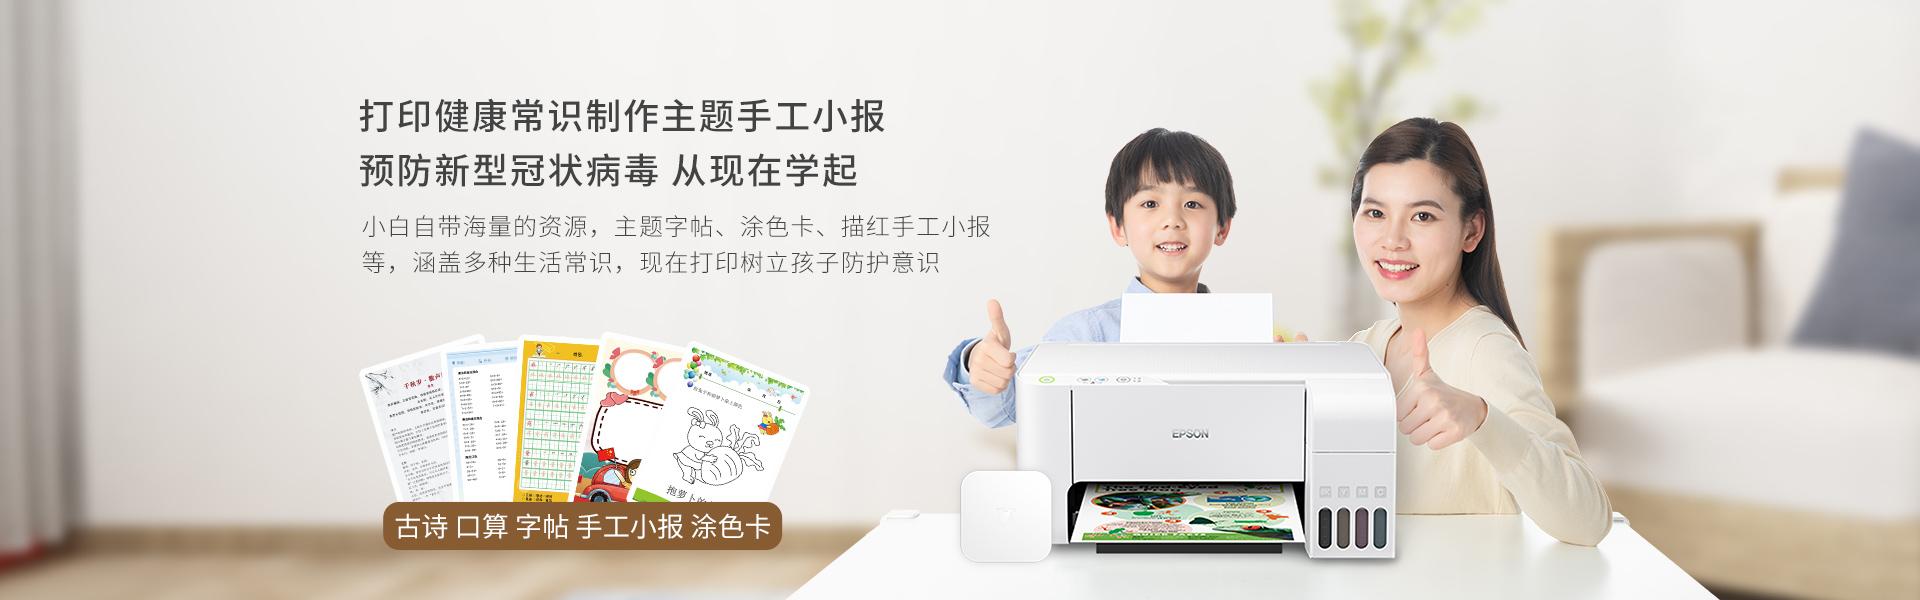 小白学习盒子、打印机套装、打印机